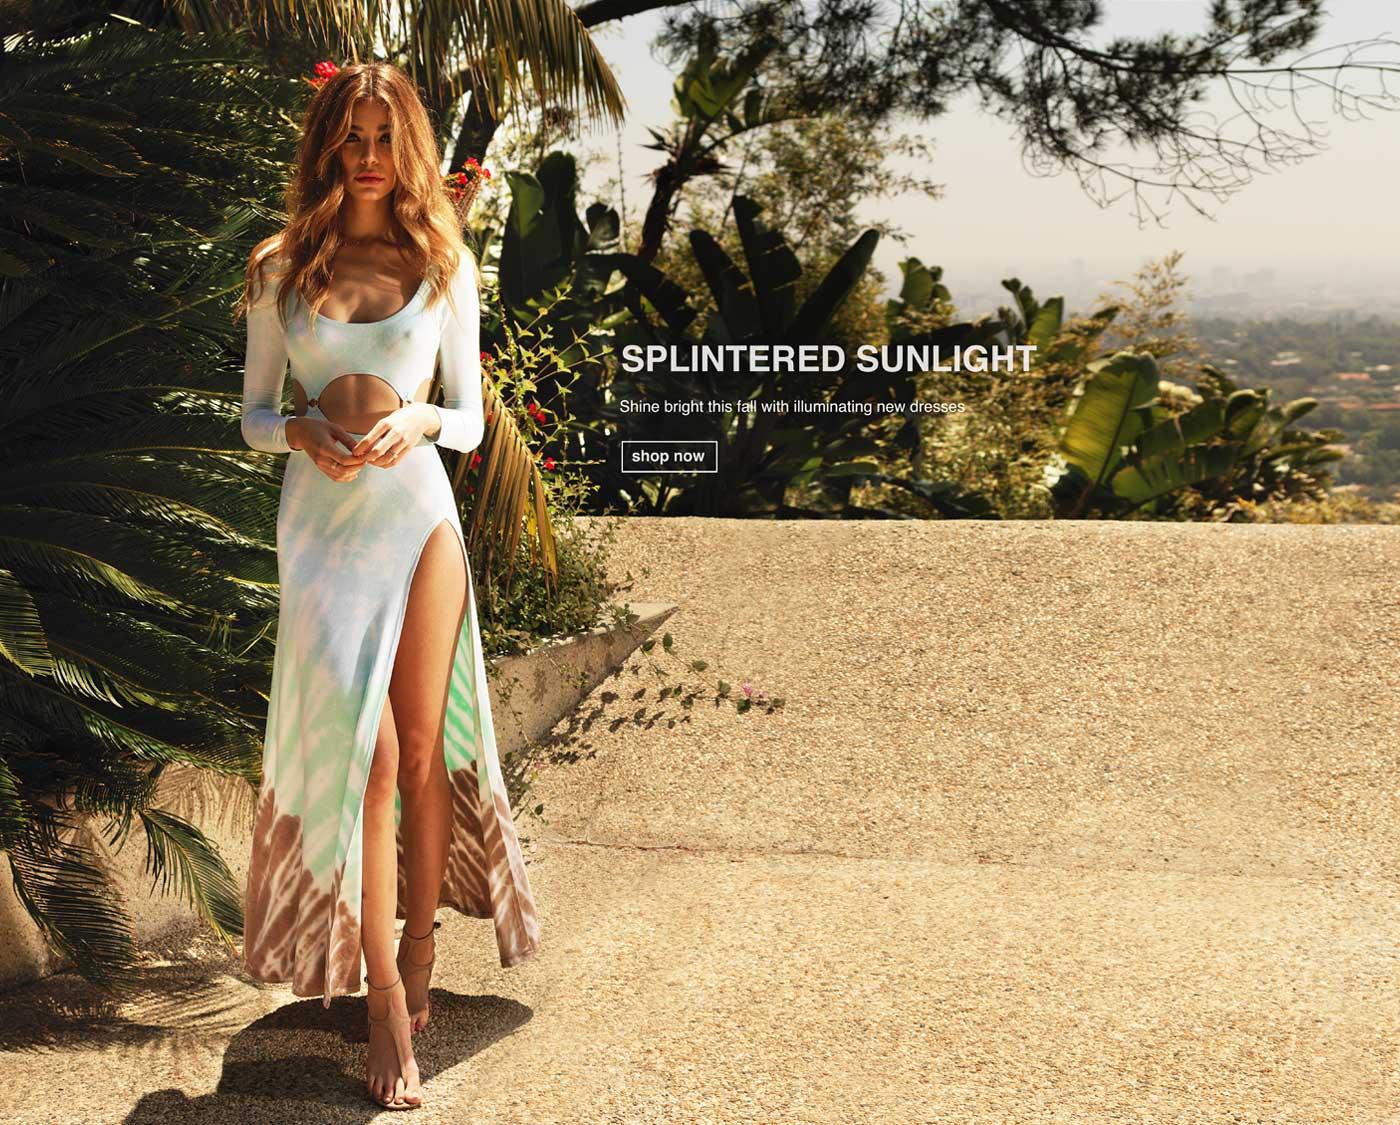 SPLINTERED SUNLIGHT